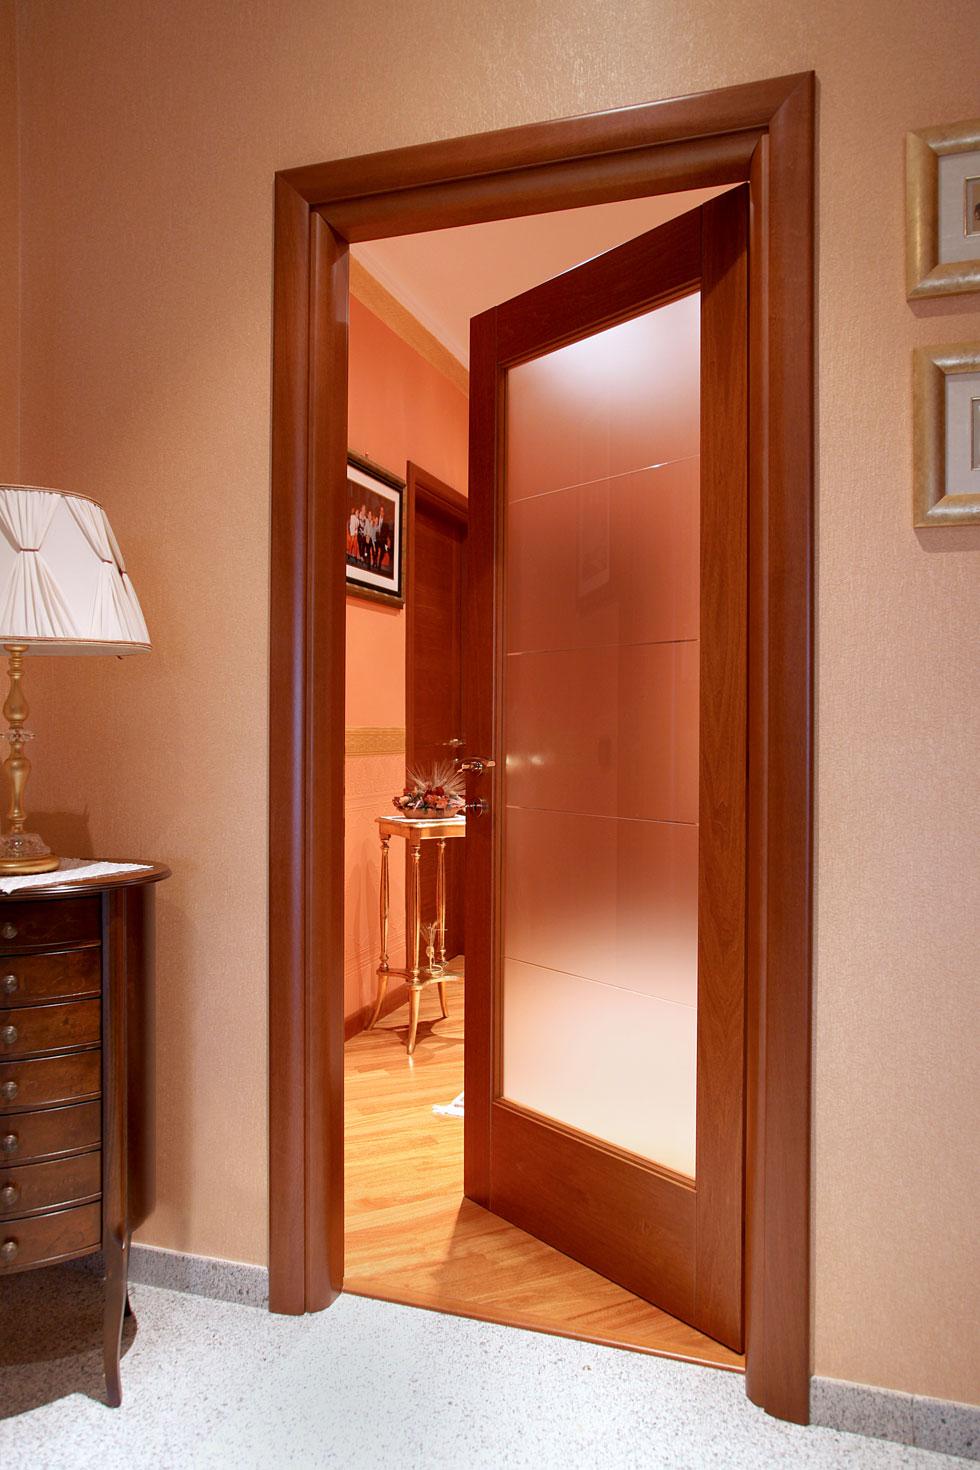 Arche 39 ambienti porta battente con vetro a righe e for Porte a battente